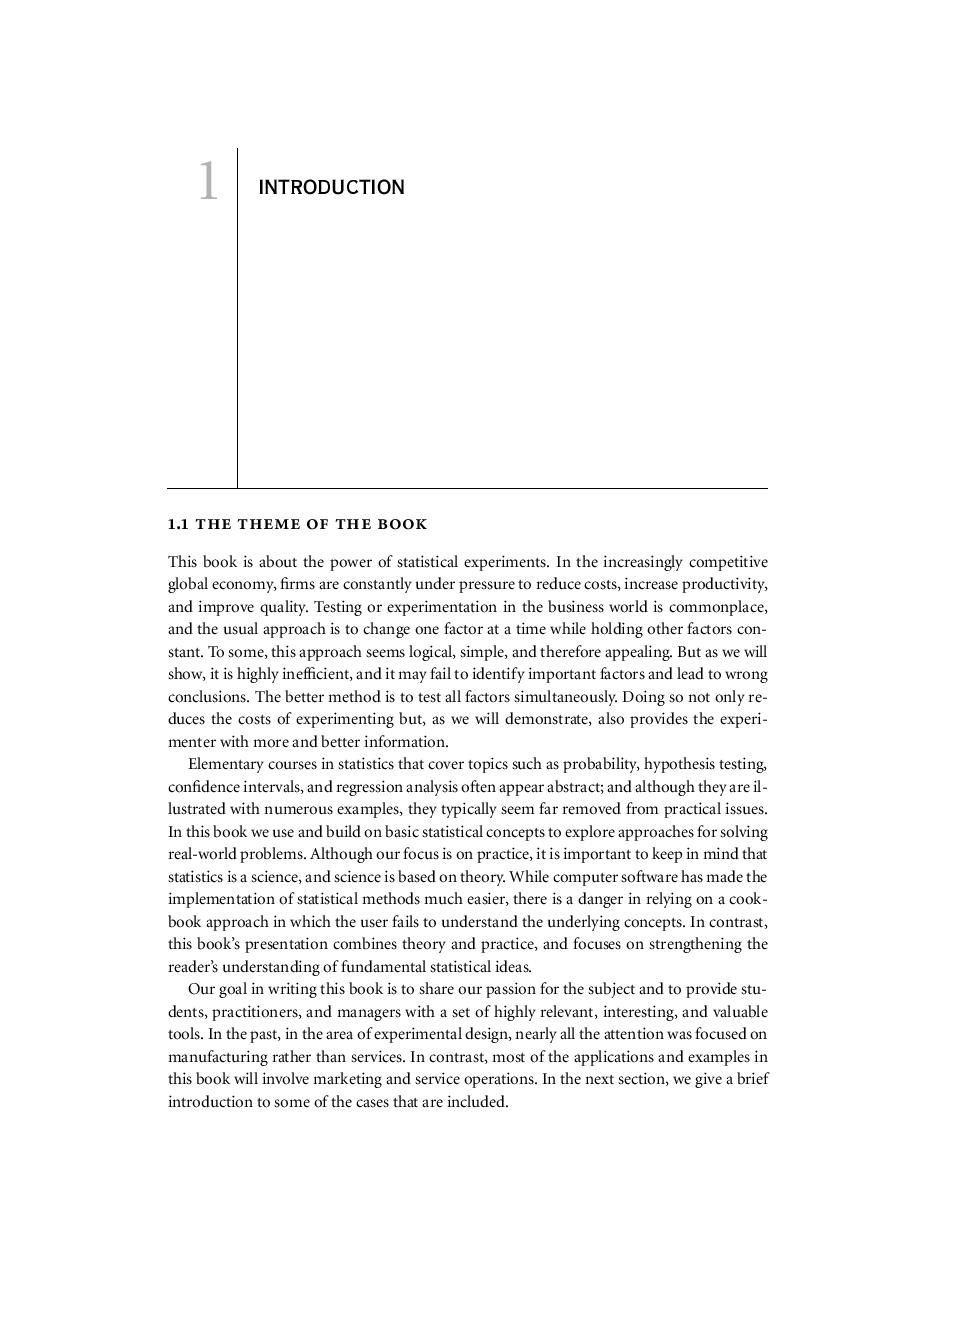 cover letter for architecture fresh graduate seatle davidjoel co